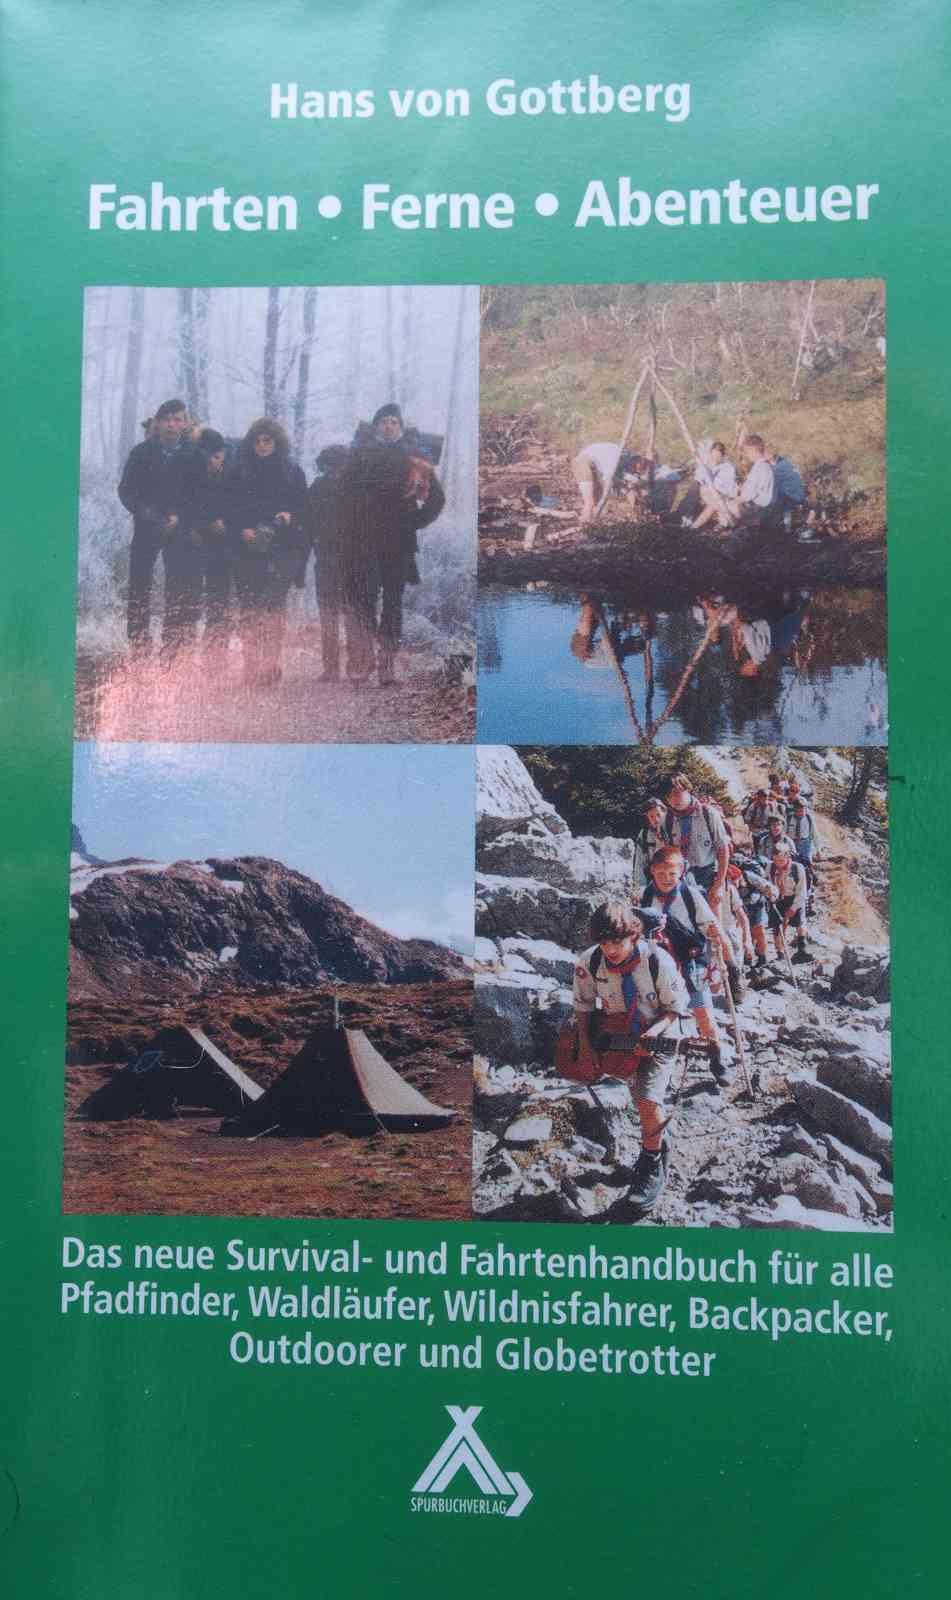 Hans von Gottberg - Fahrten-Ferne-Abenteuer